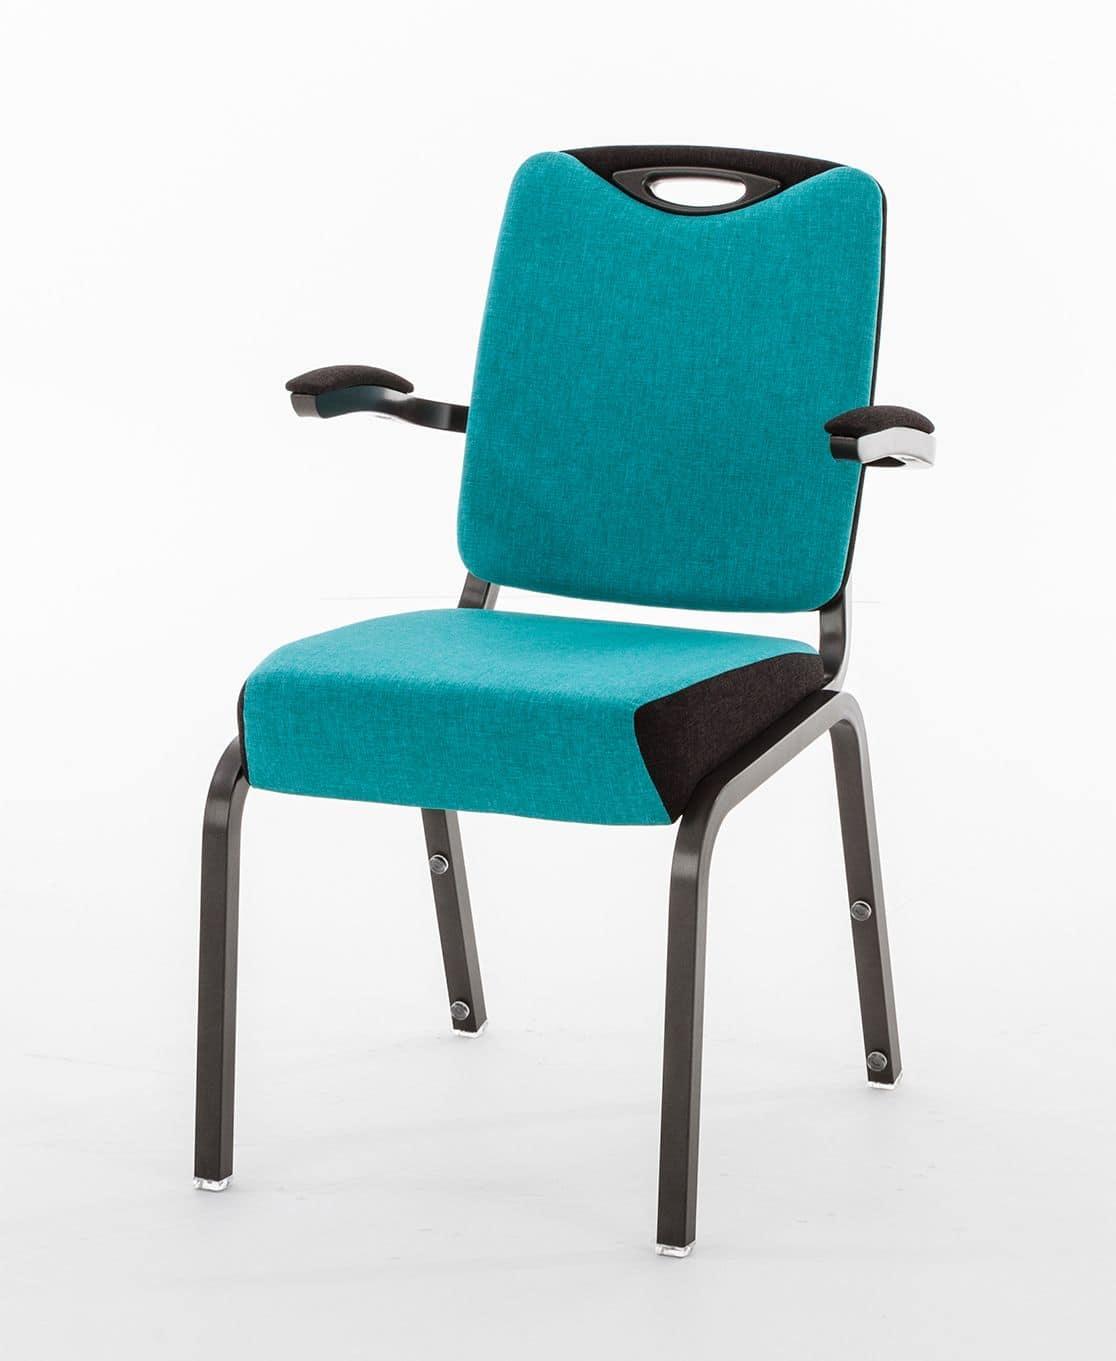 Inicio 09/4HA, Sedia con braccioli per conferenza, accessoriabile